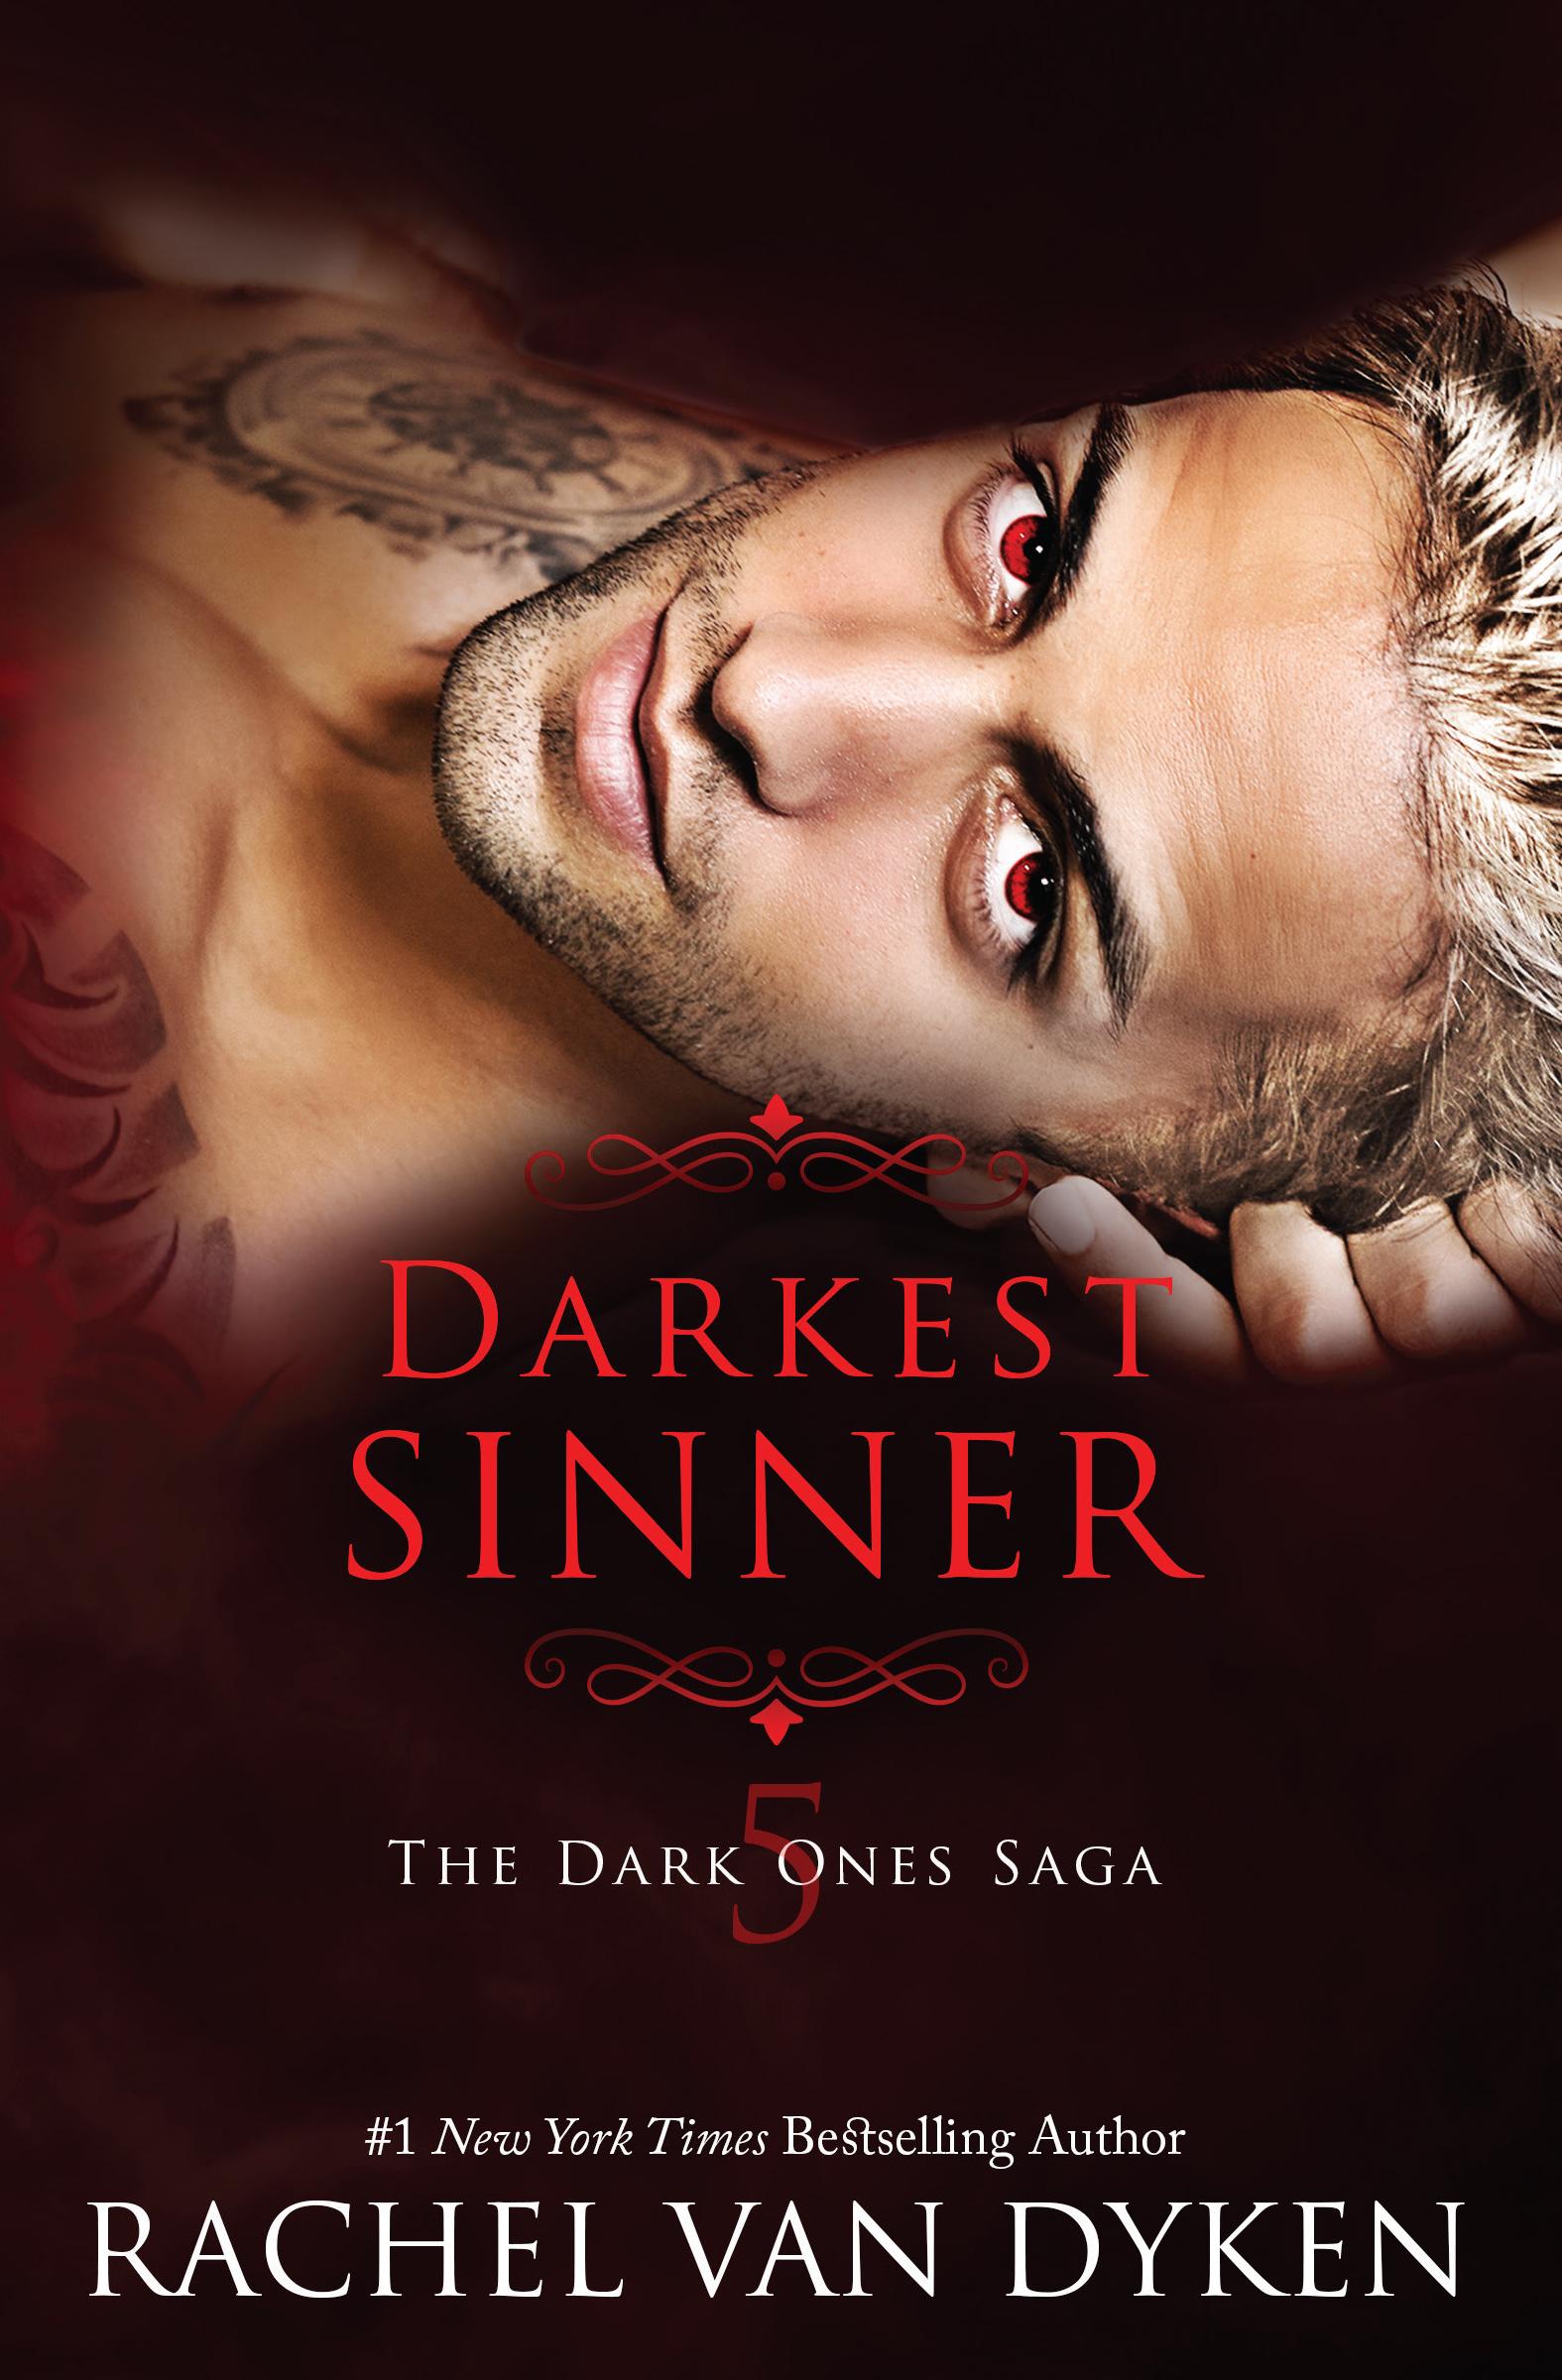 Darkest Sinner